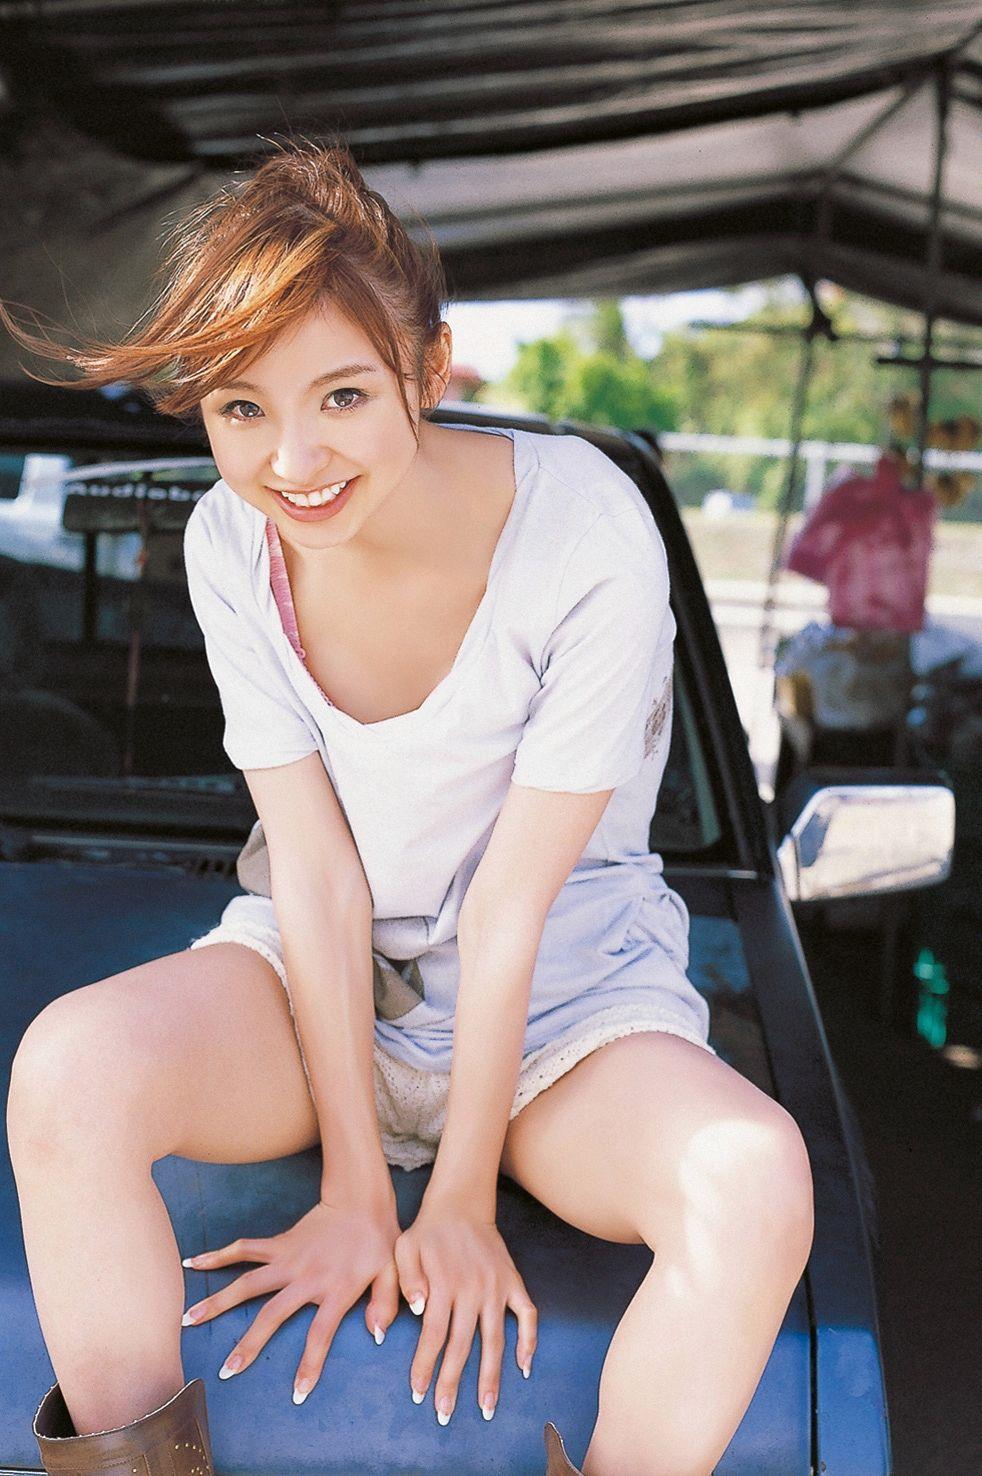 篠田麻里子 画像 49